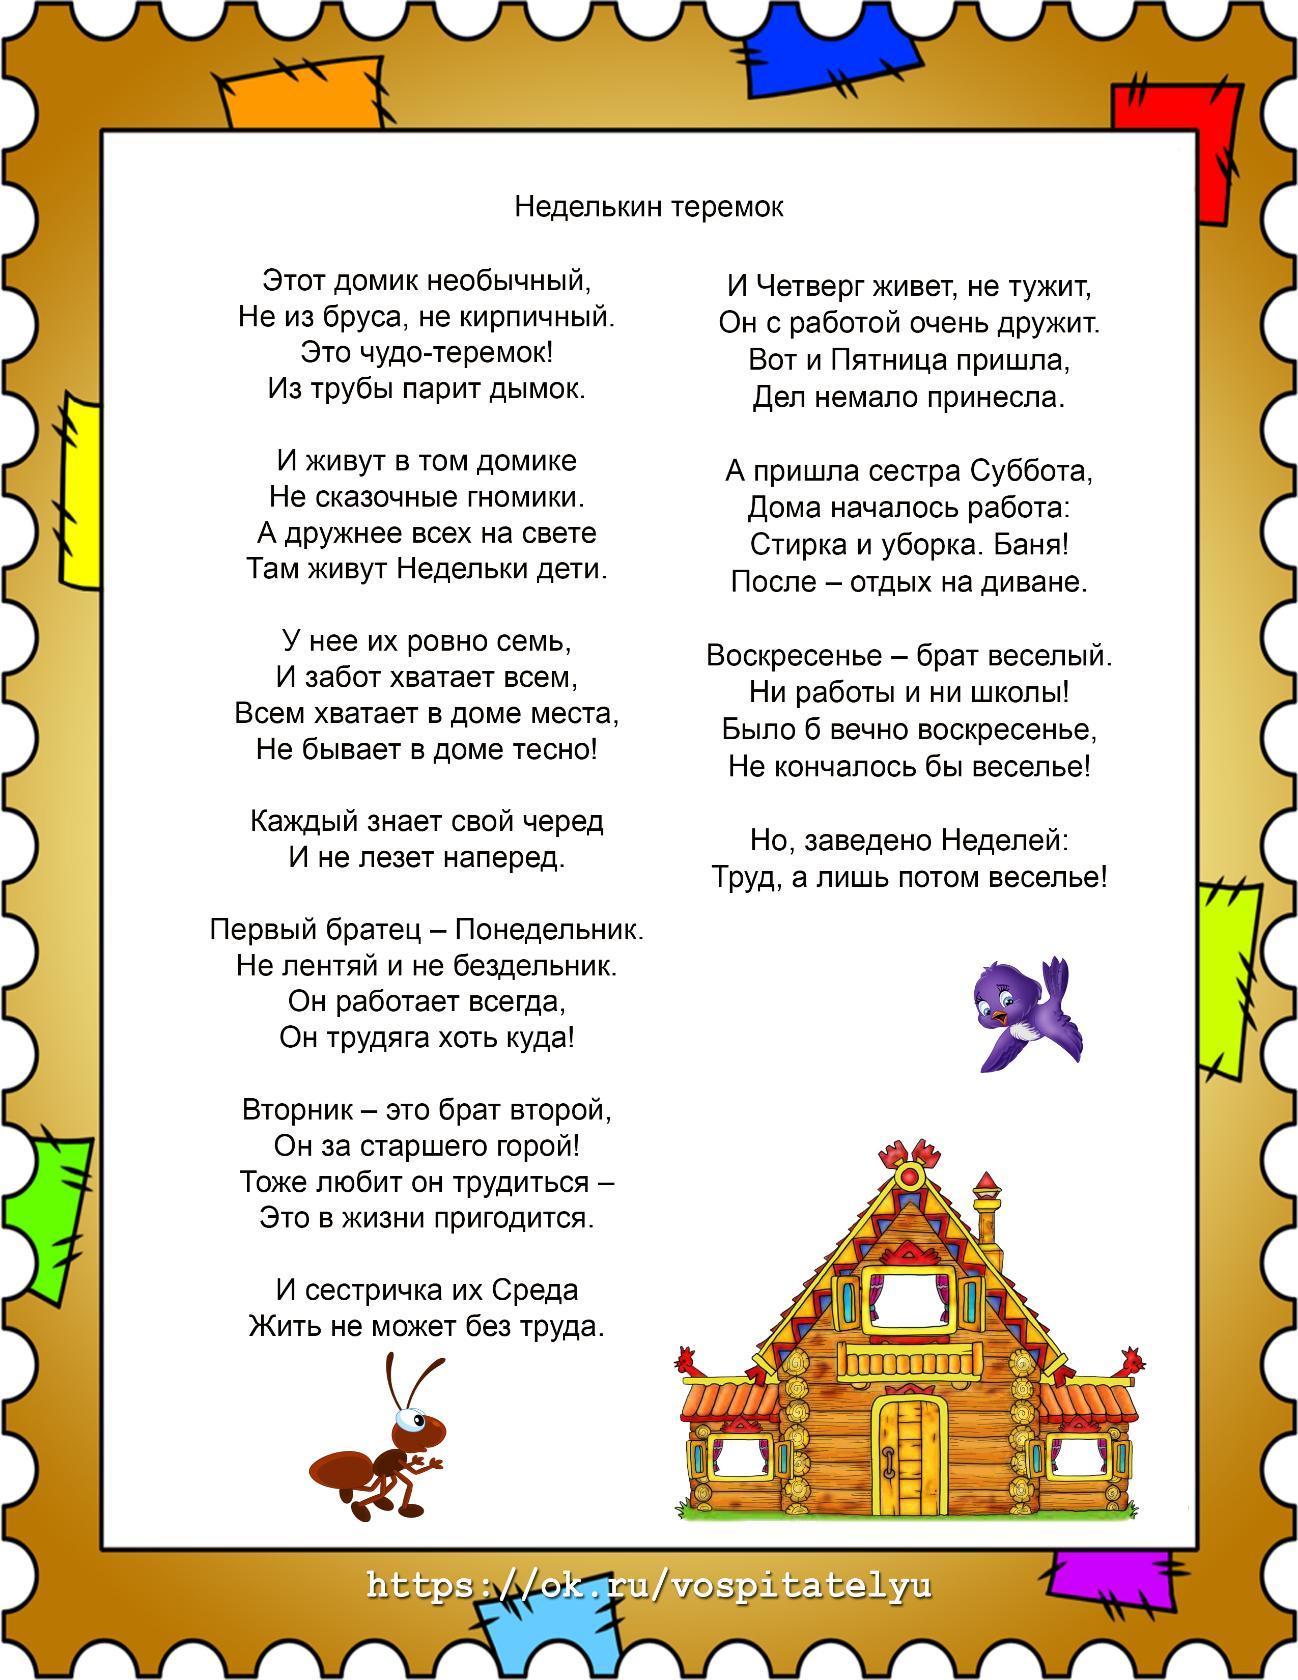 Дни недели в стихах и картинках для дошкольников